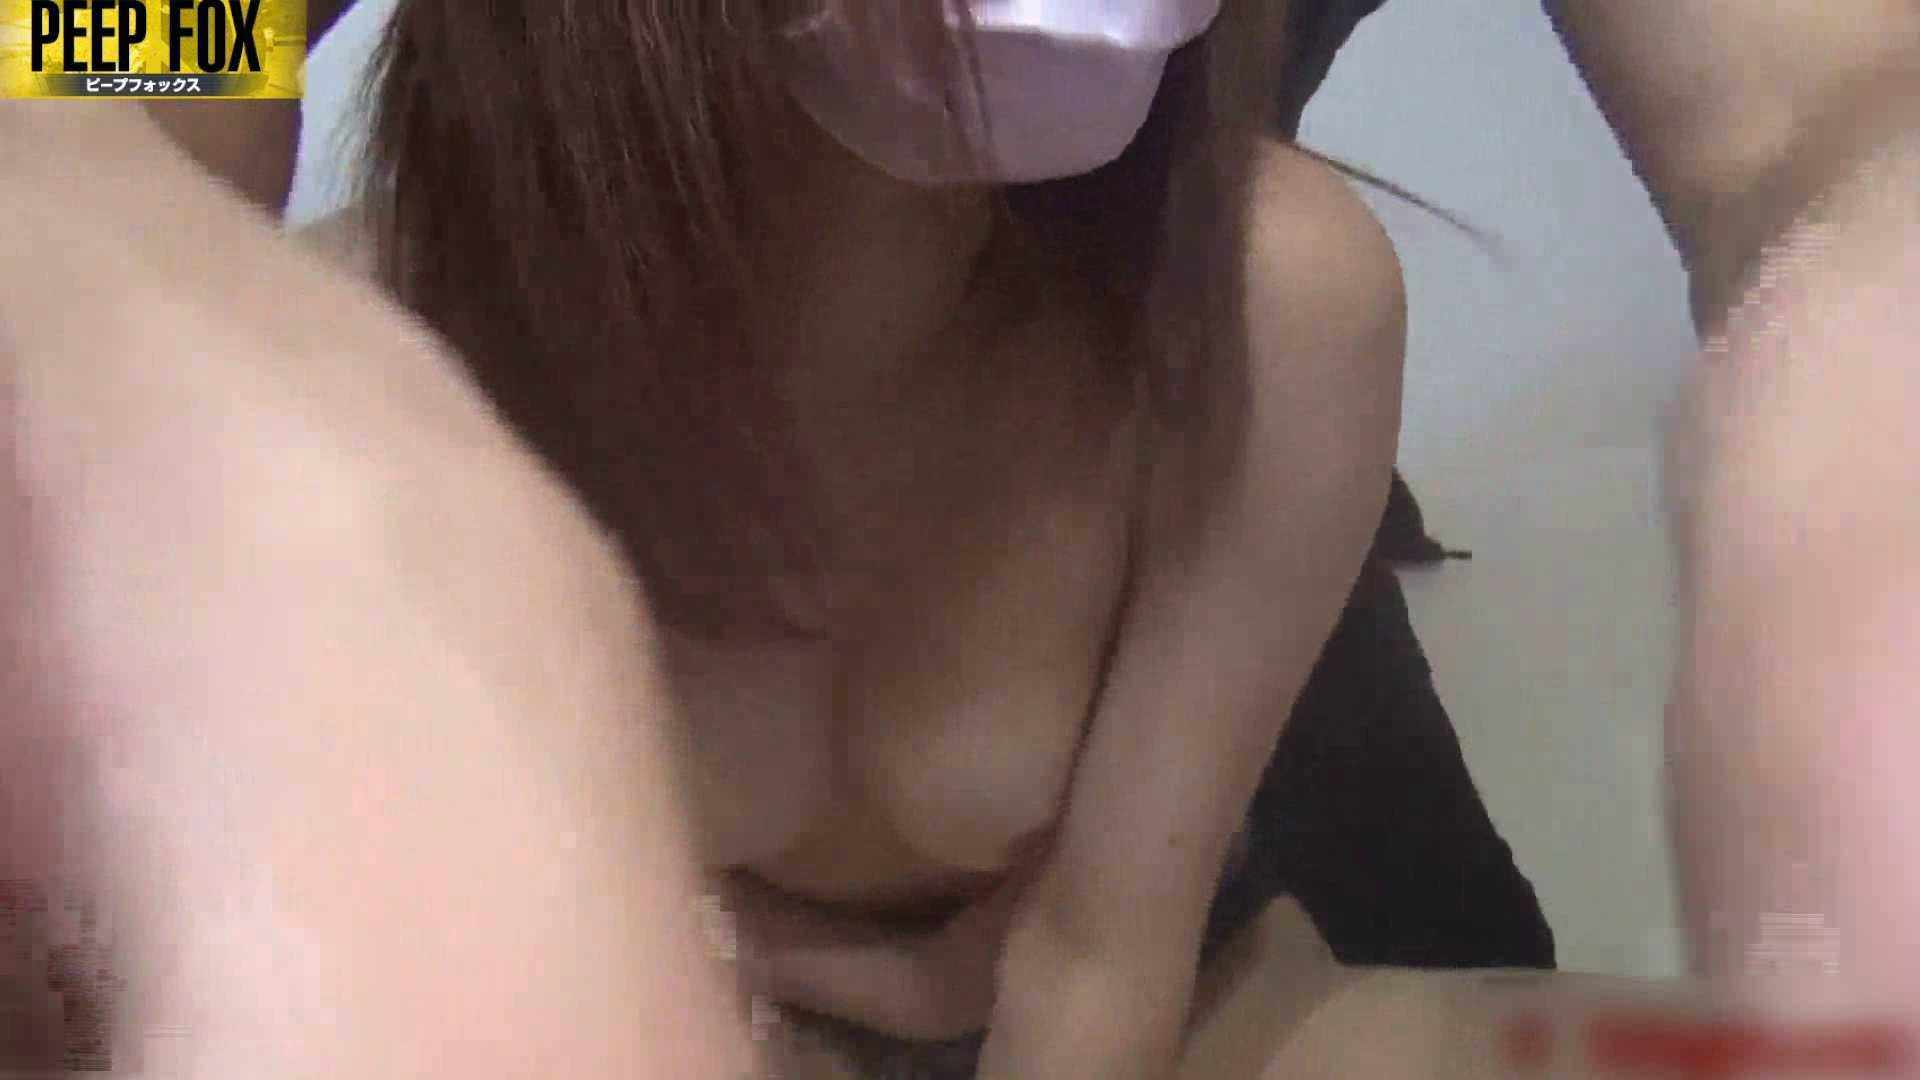 完全素人!!訳アリ娘のラブライフ♪vol.20前編 手マン 濡れ場動画紹介 90画像 51